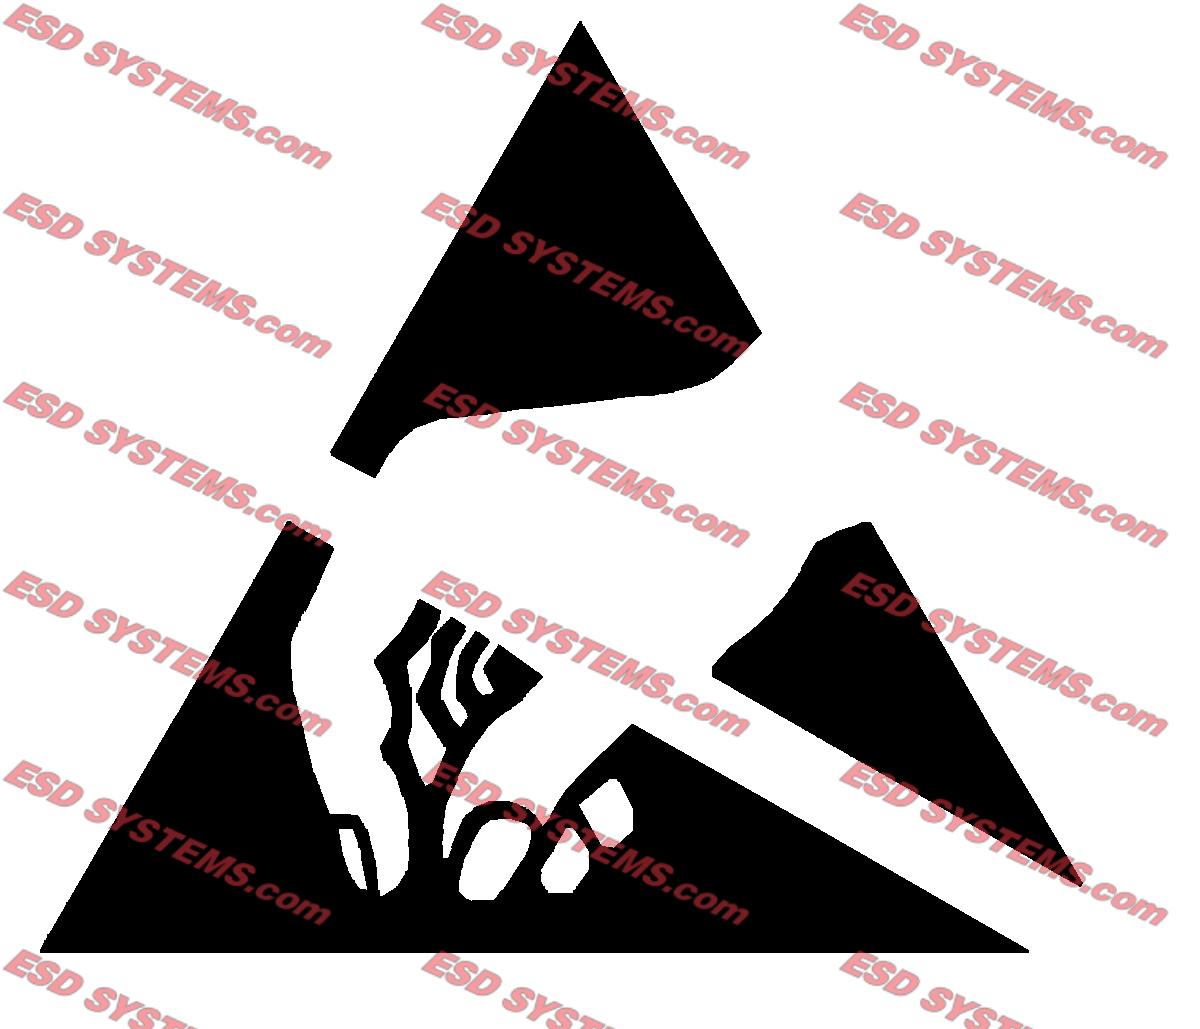 Esd Systems Esd Awareness Symbols